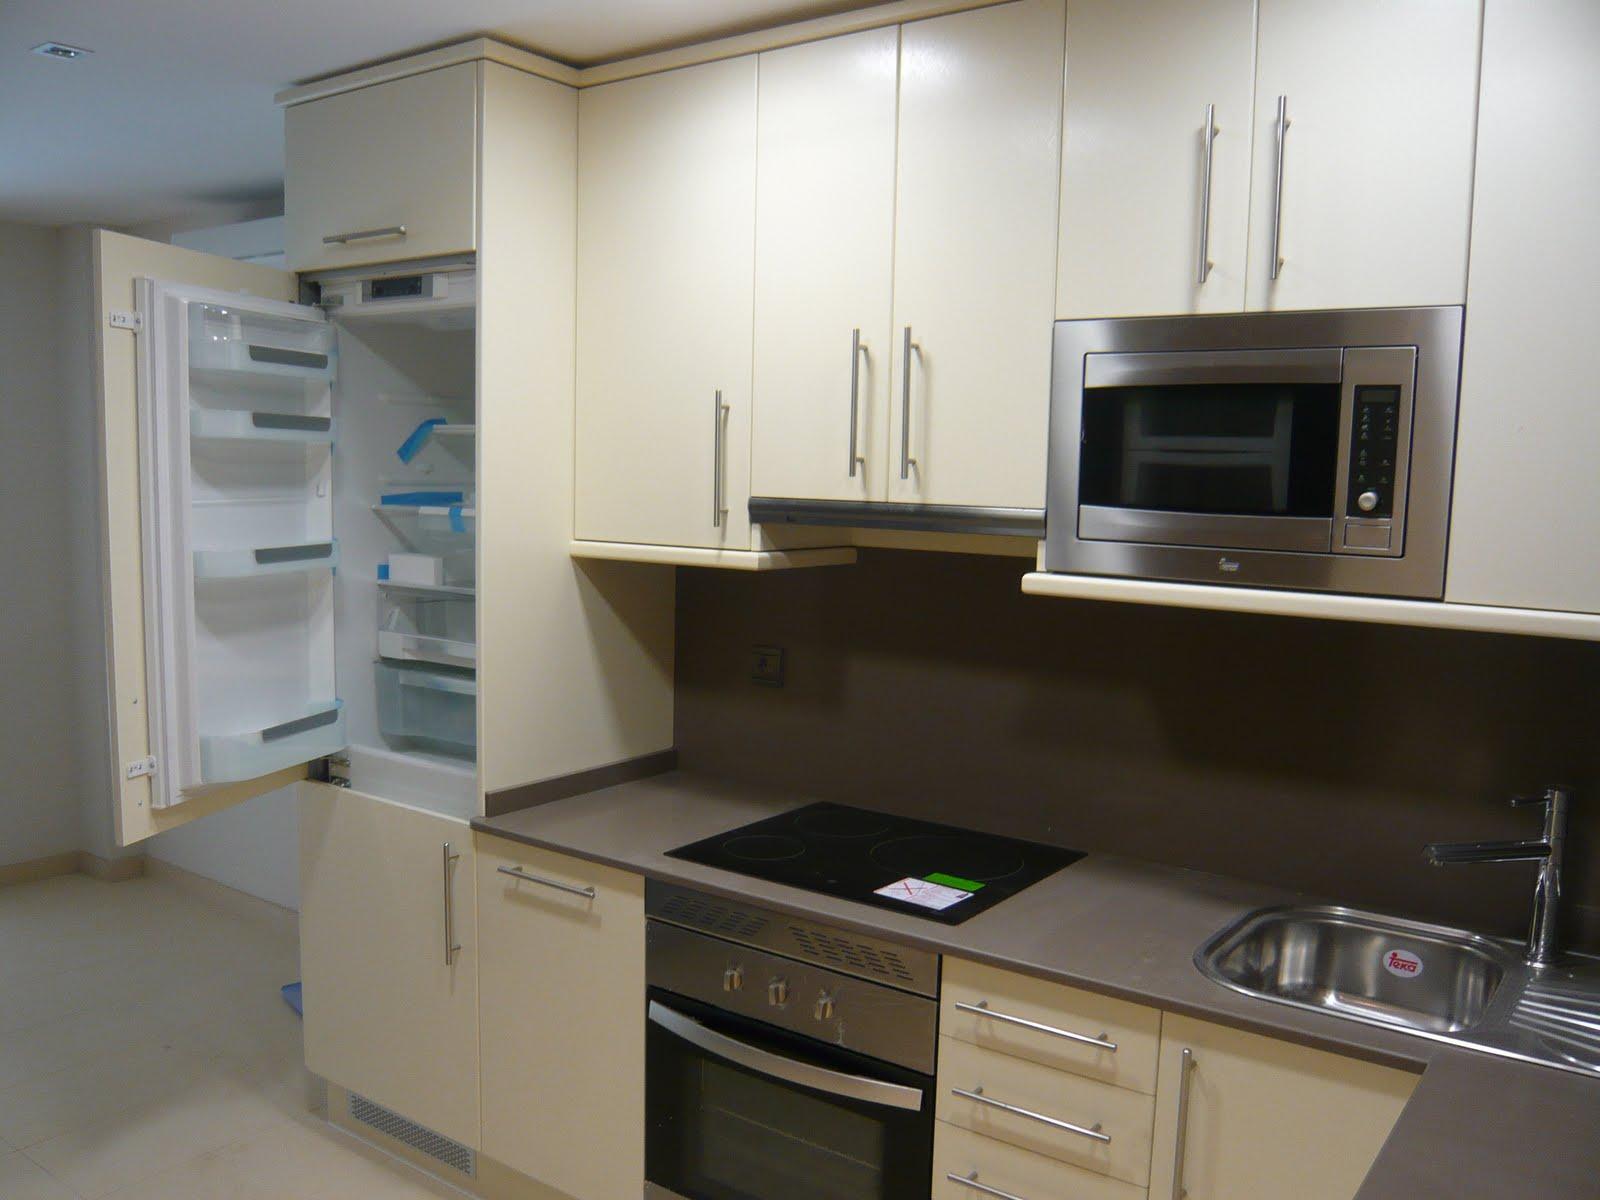 Muebles de cocina con altos 90cm y silestone color - Cocinas de colores ...